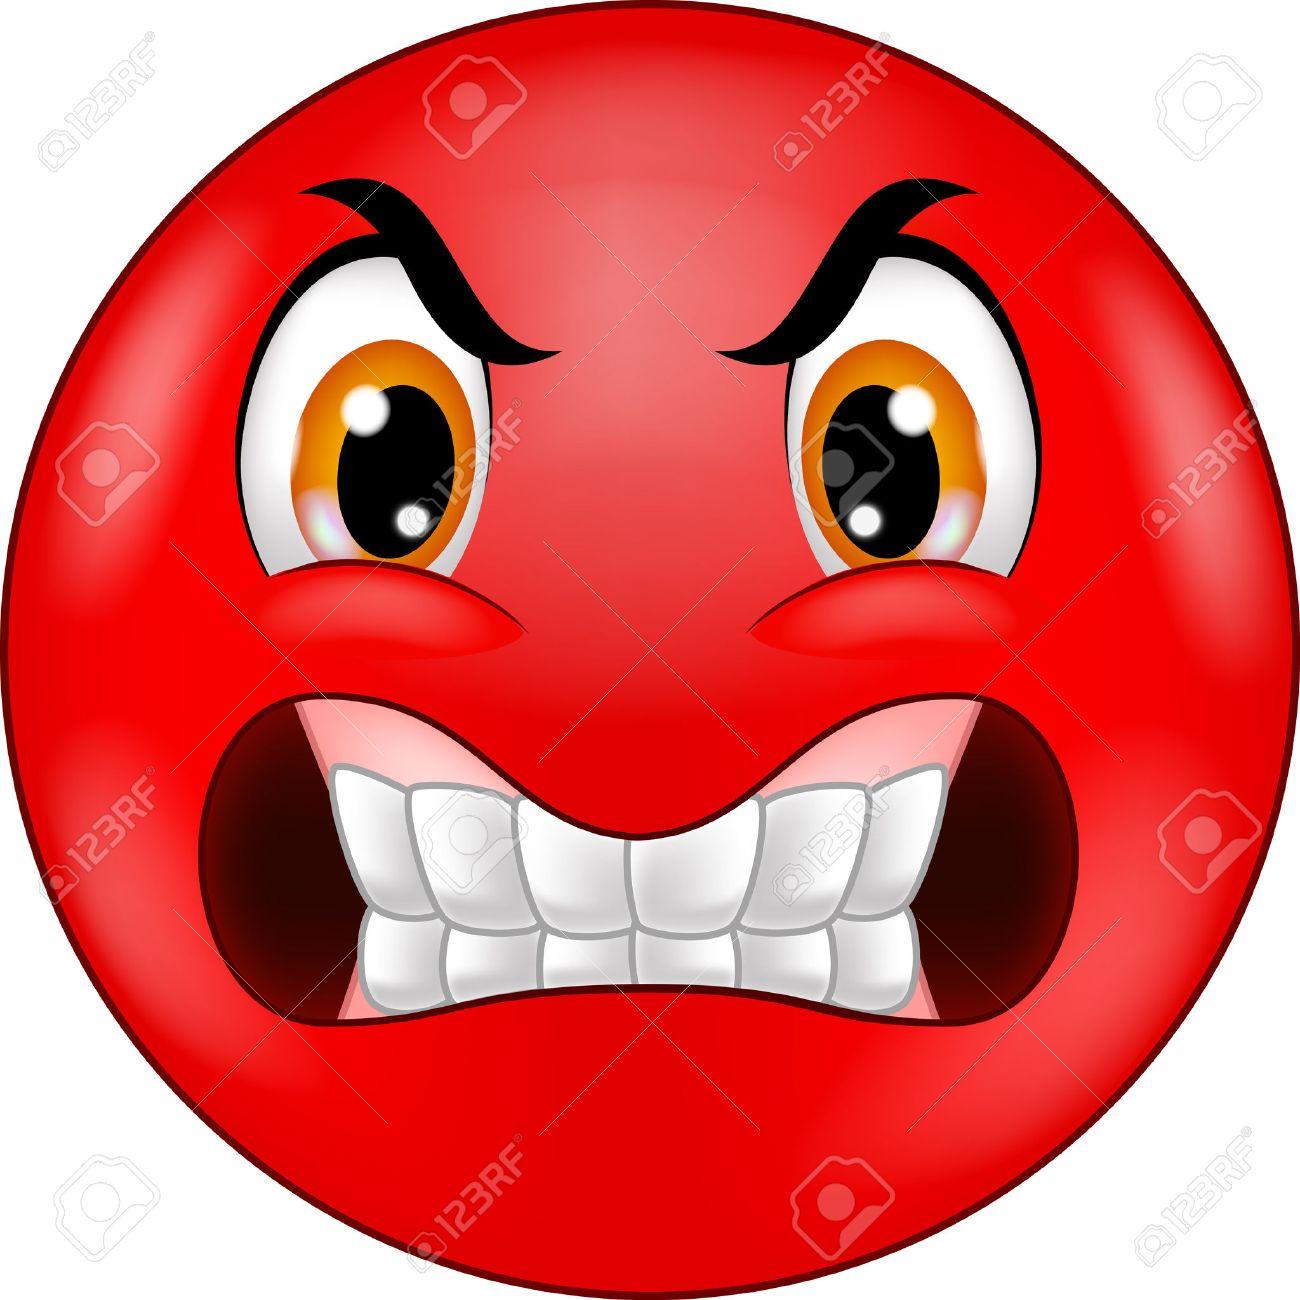 Angry Smiley Dessin Anime Emoticone Clip Art Libres De Droits Vecteurs Et Illustration Image 33887330